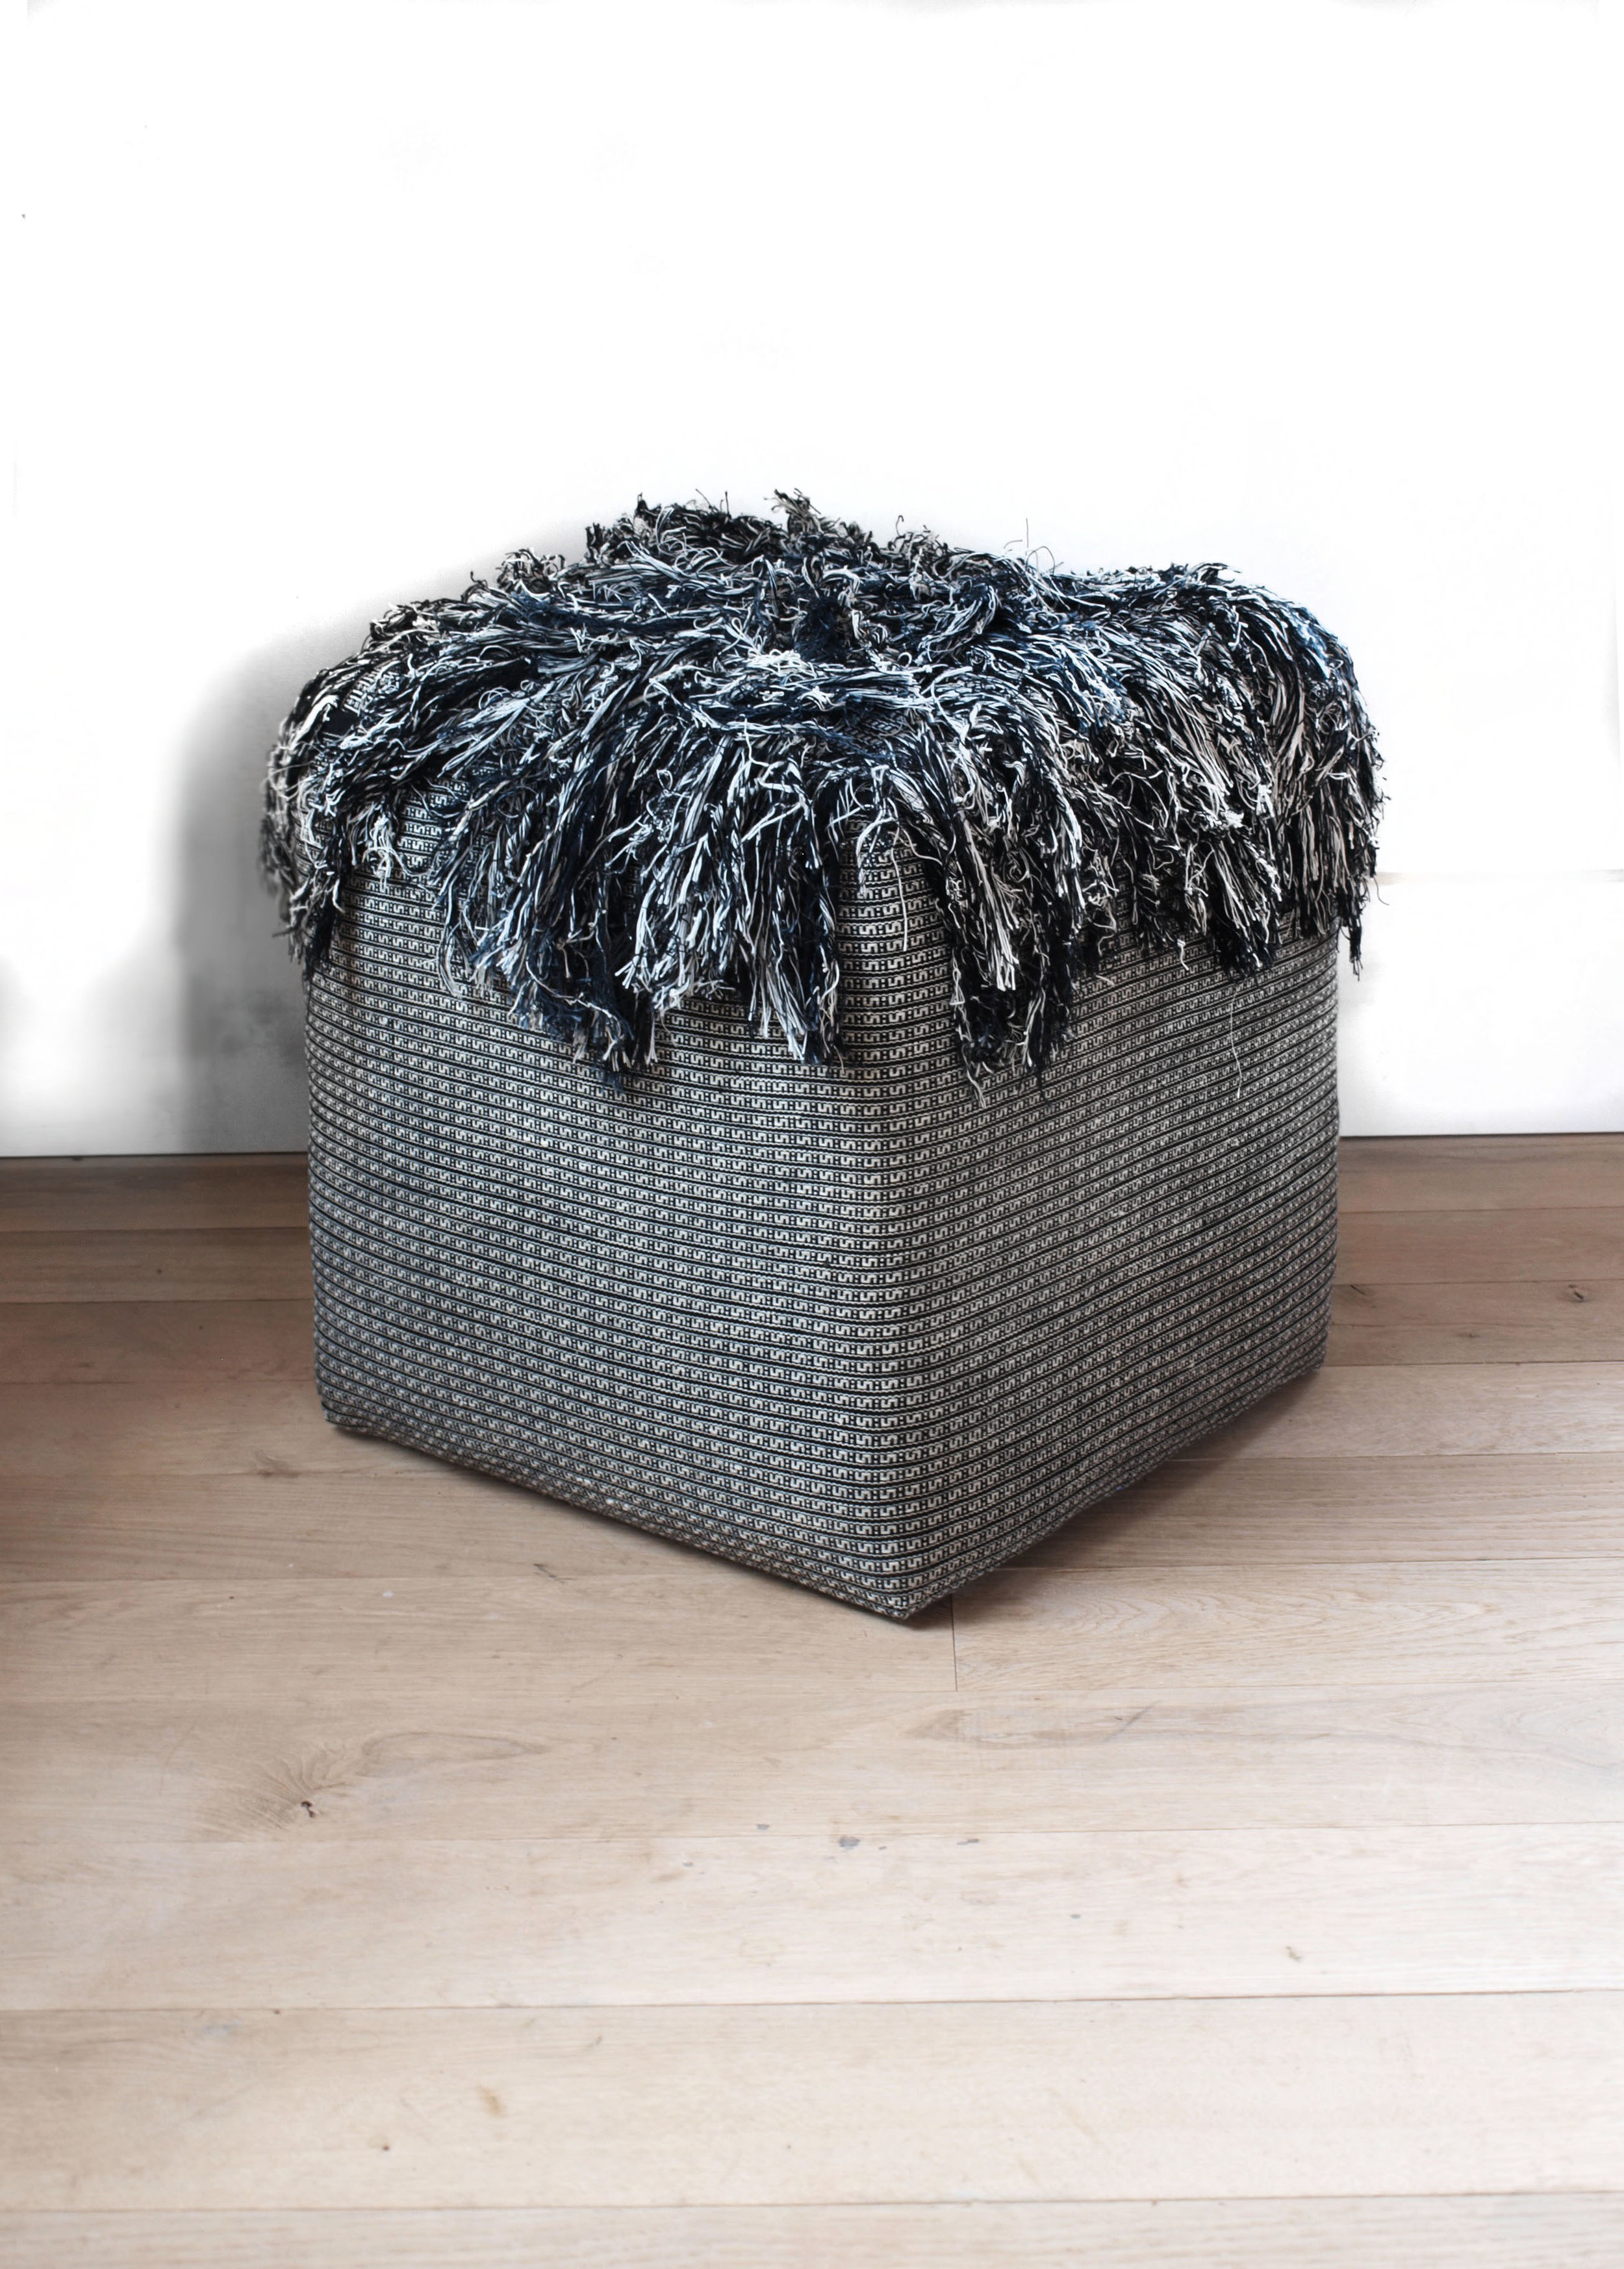 handa_textiles_pouf - 4.jpg